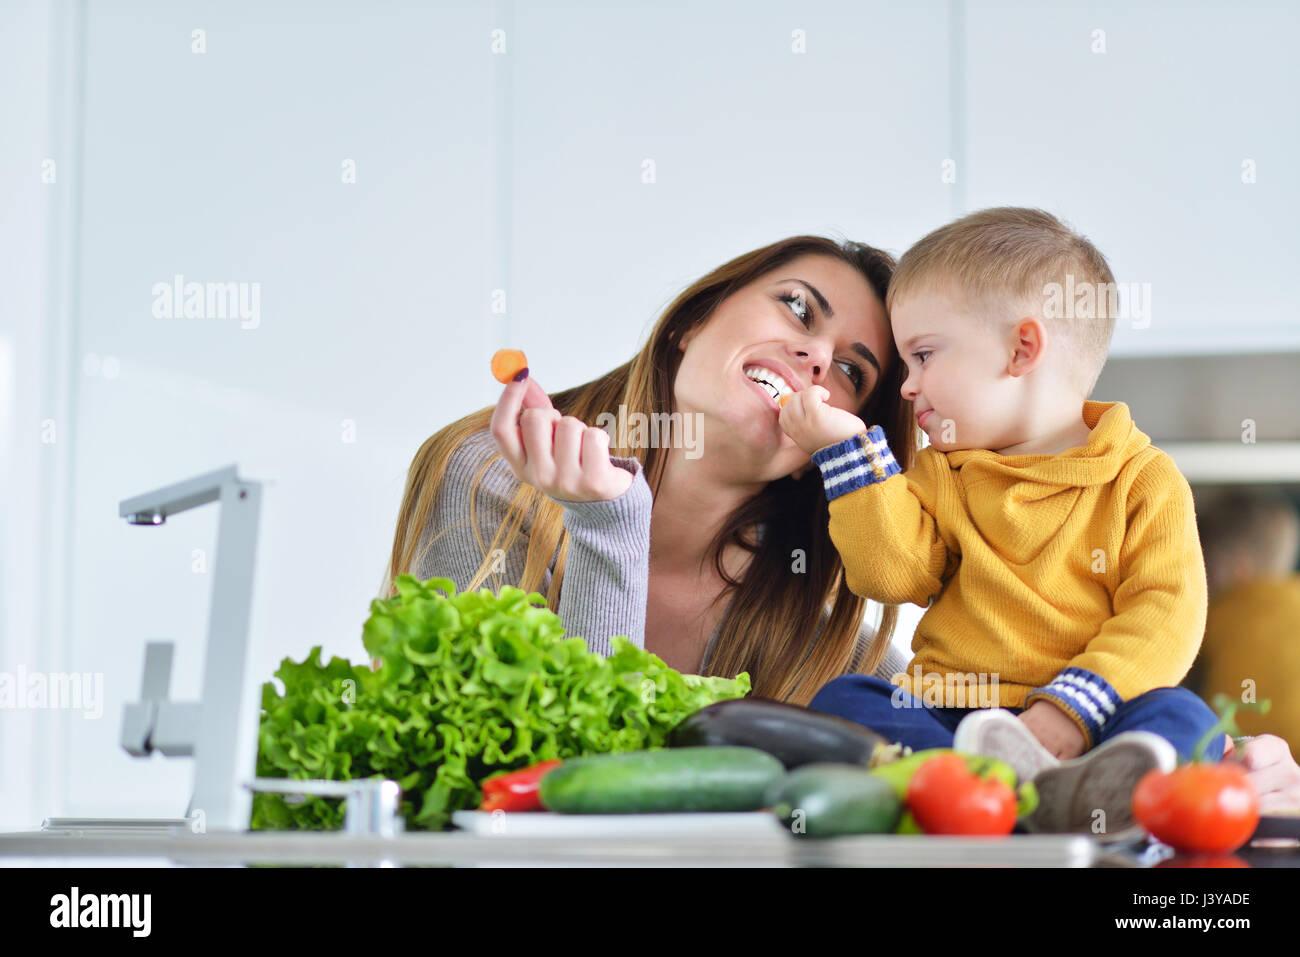 Mutter und Kind bereitet Mittagessen aus frischem Gemüse Stockbild